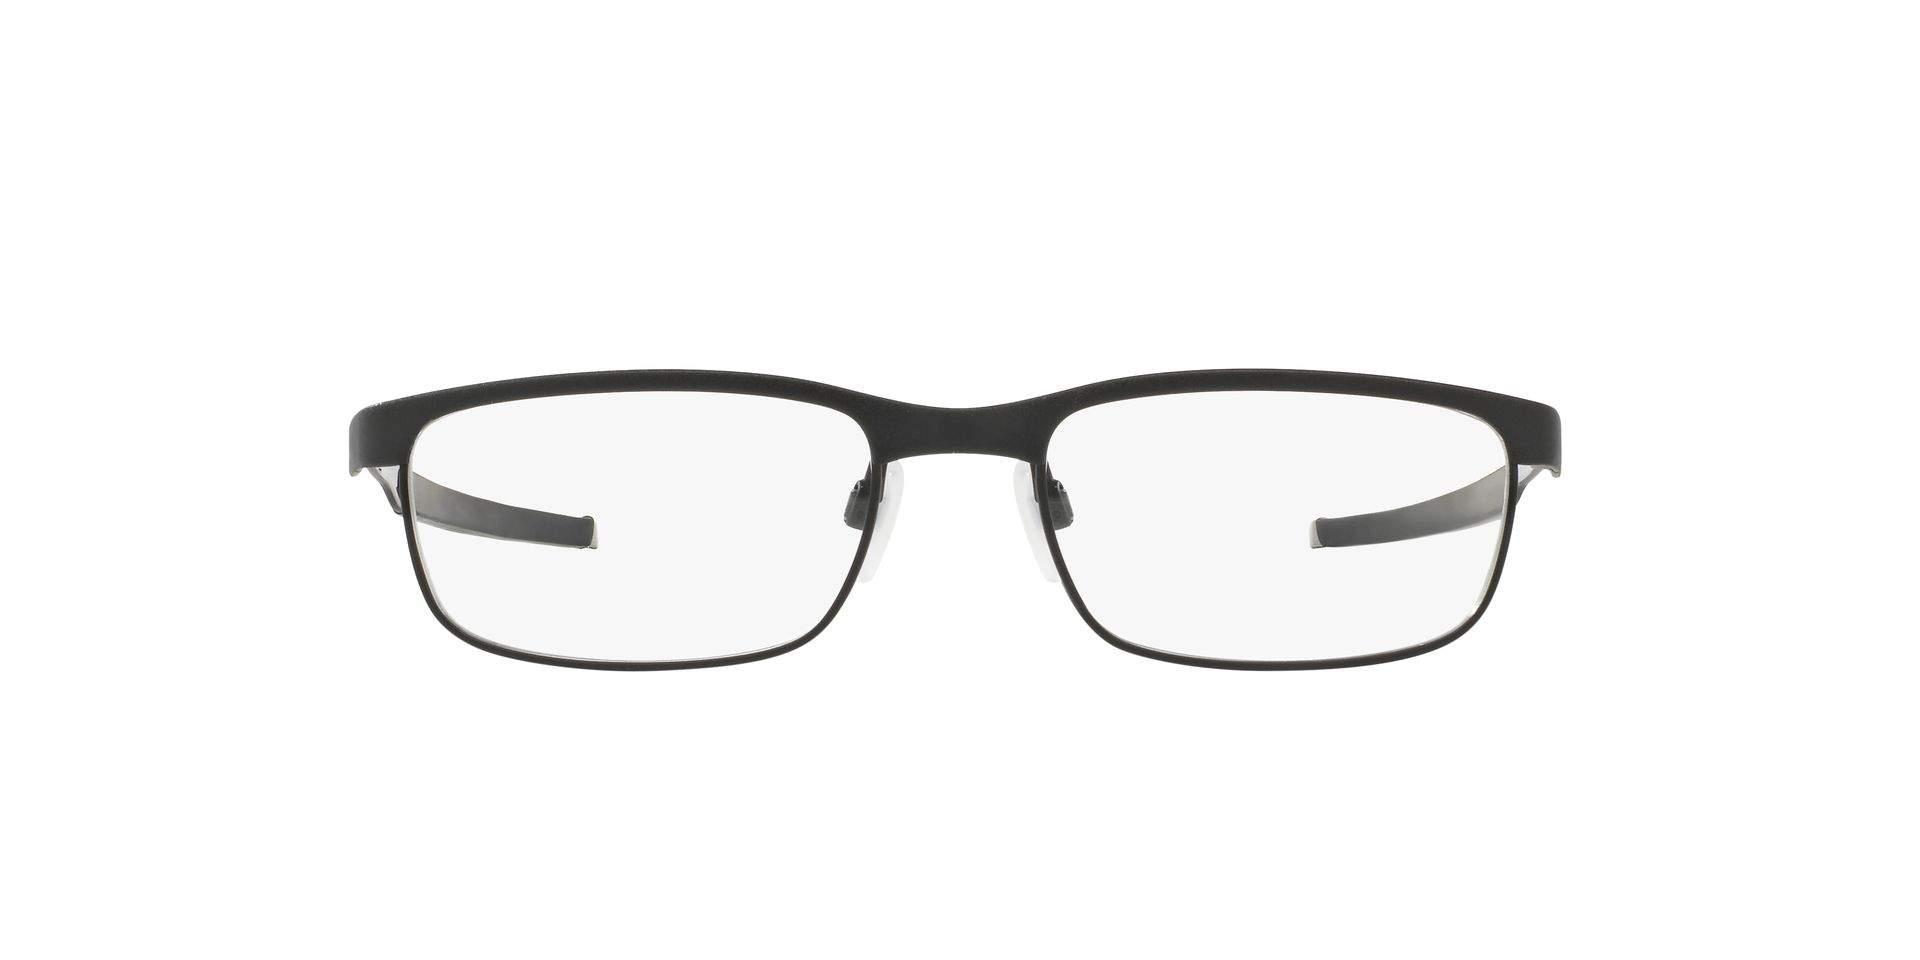 850f6a8e9 Eyeglasses Oakley Steel plate Black Matte OX3222 01 54-18 Medium